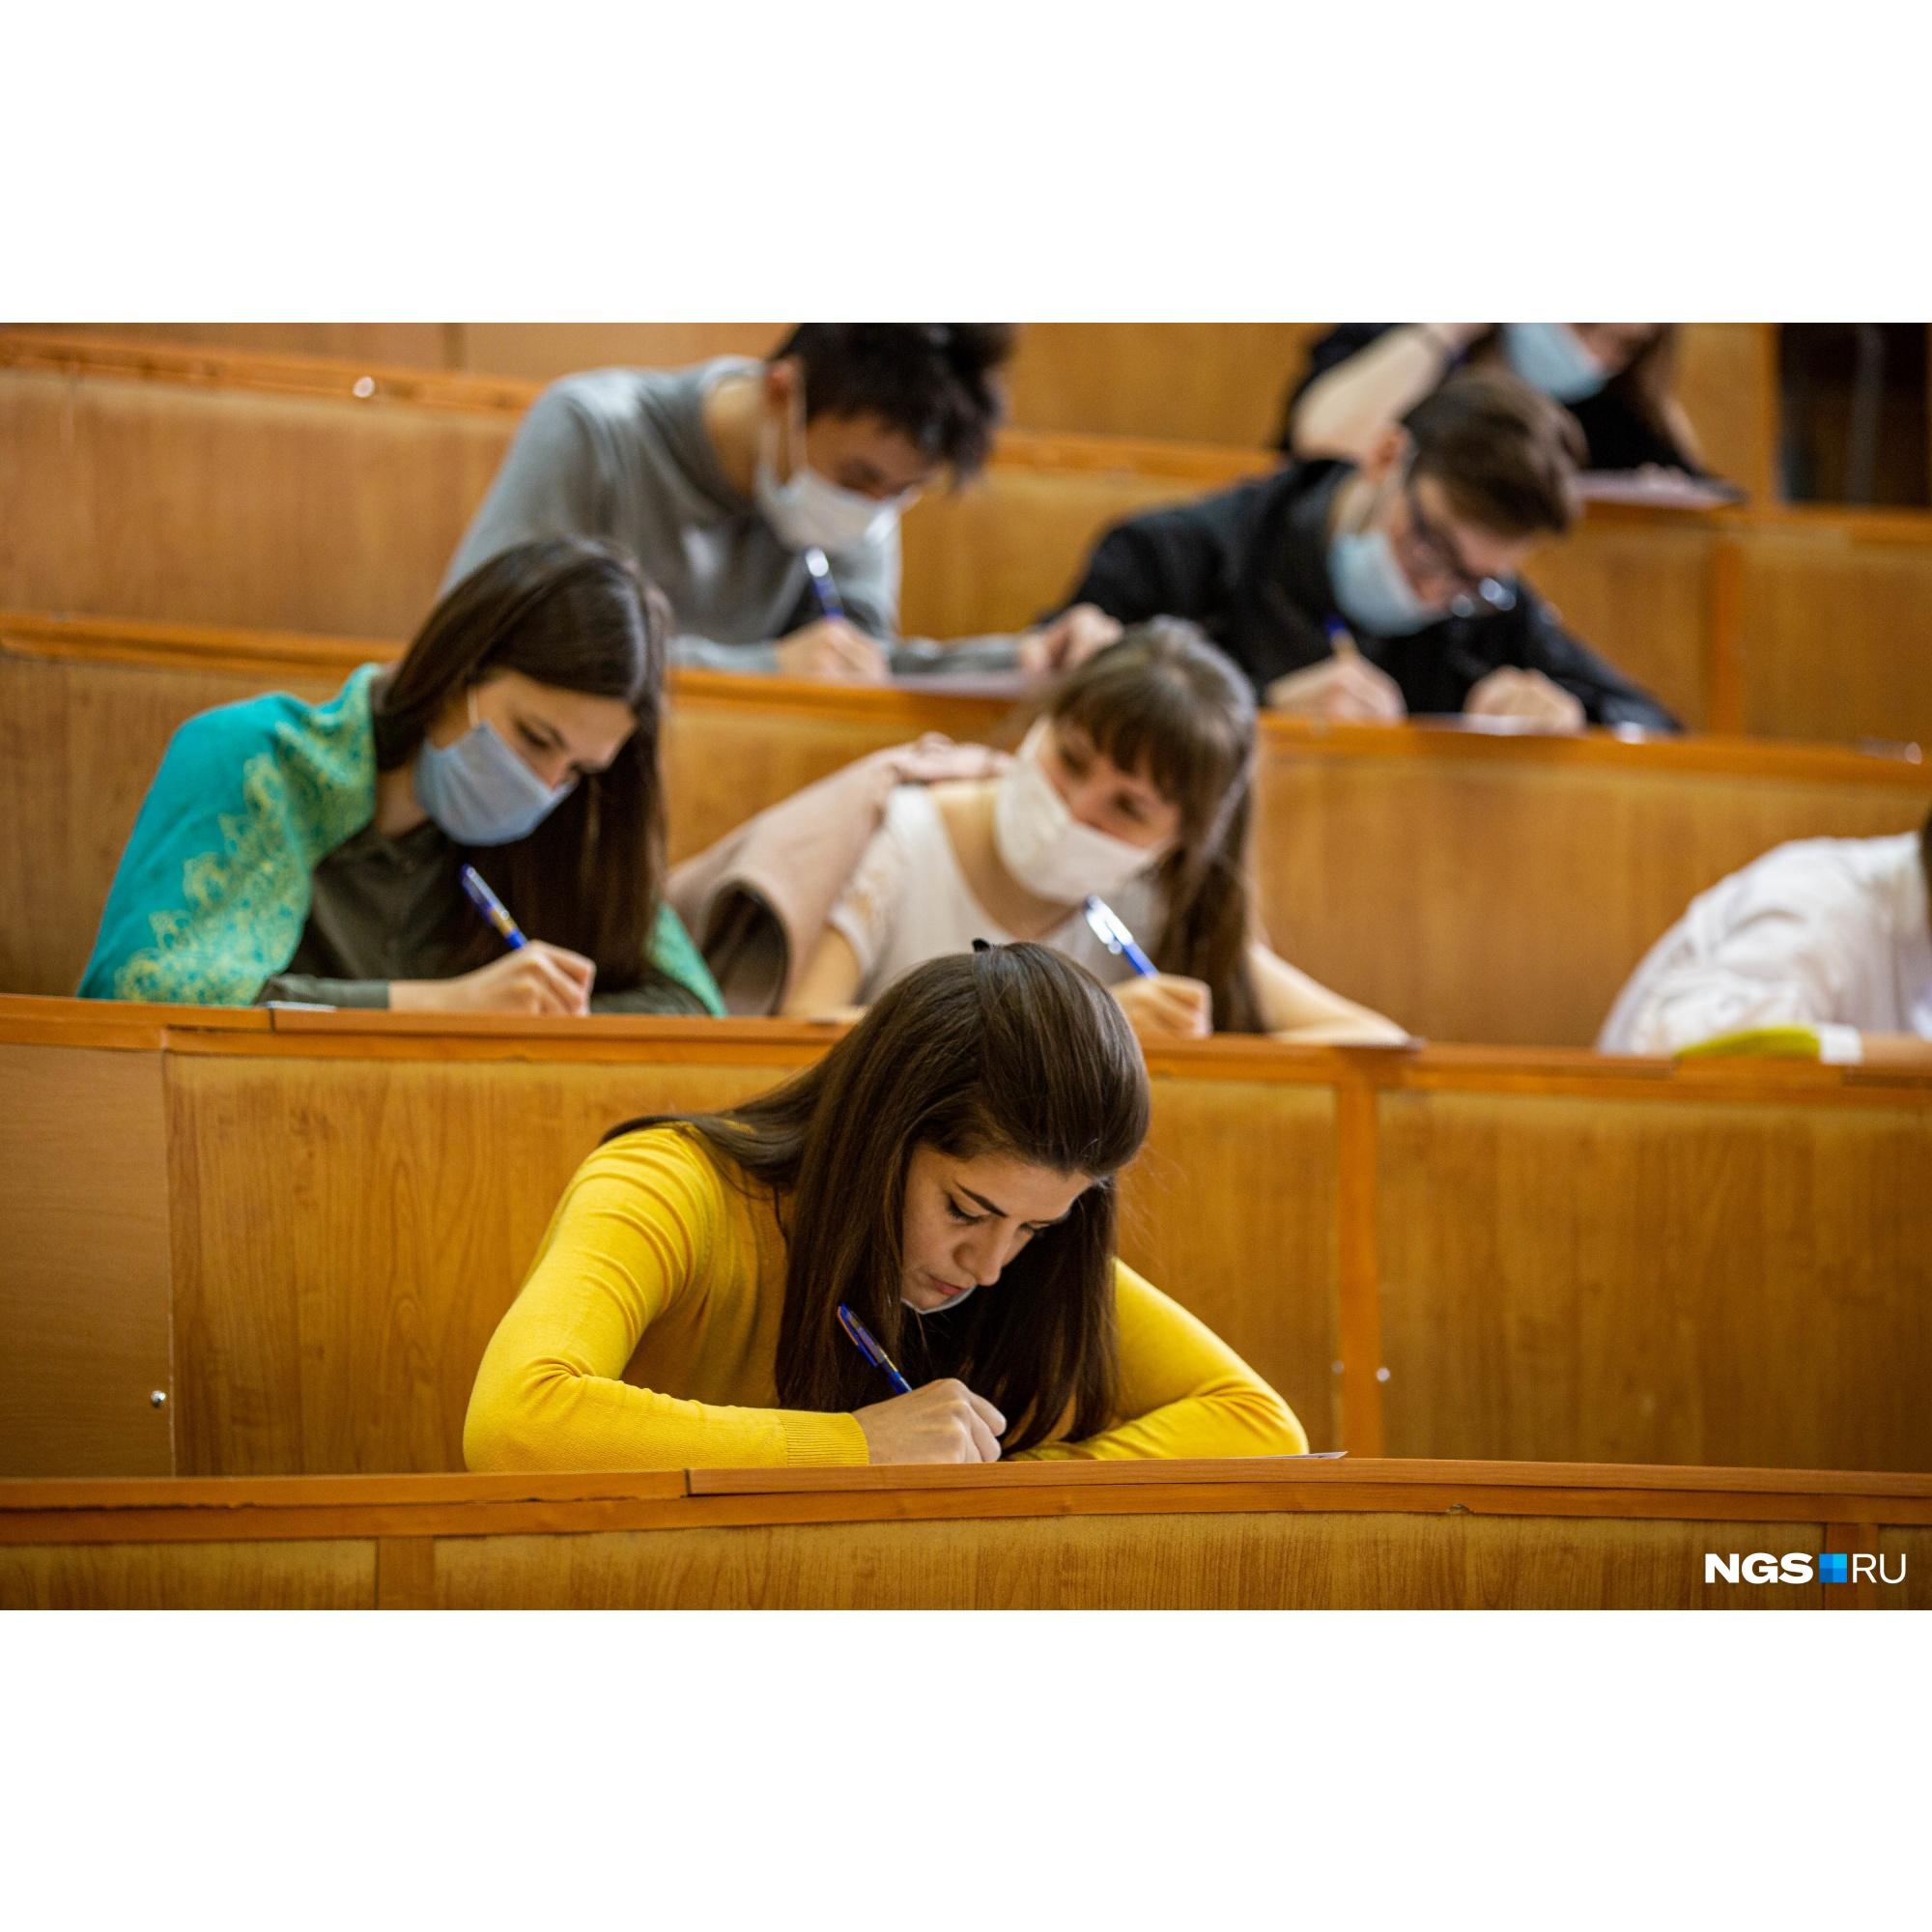 Диктант пишут в разных городах России, но в Новосибирске его провели впервые